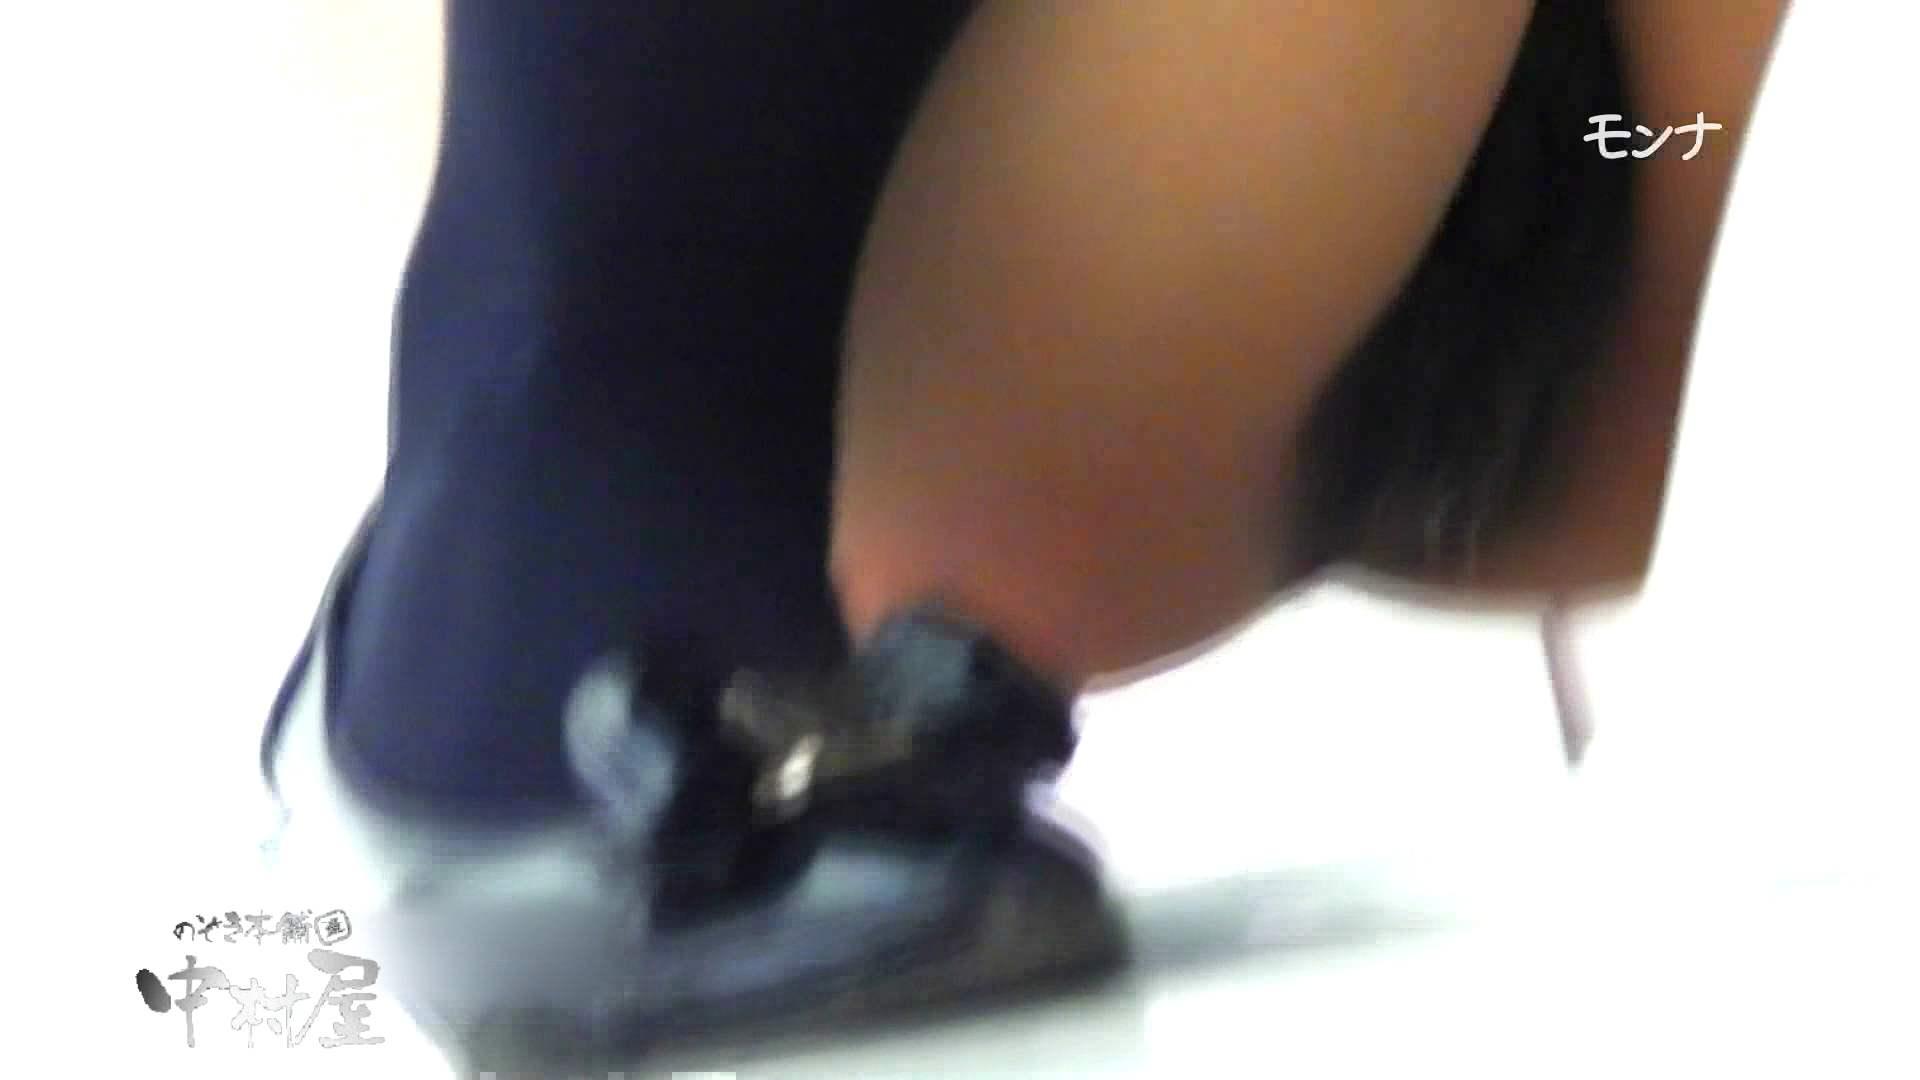 【美しい日本の未来】遂に!!戸田恵梨香似の予告モデル登場ダッシュで「大」後編 0   0  52連発 15